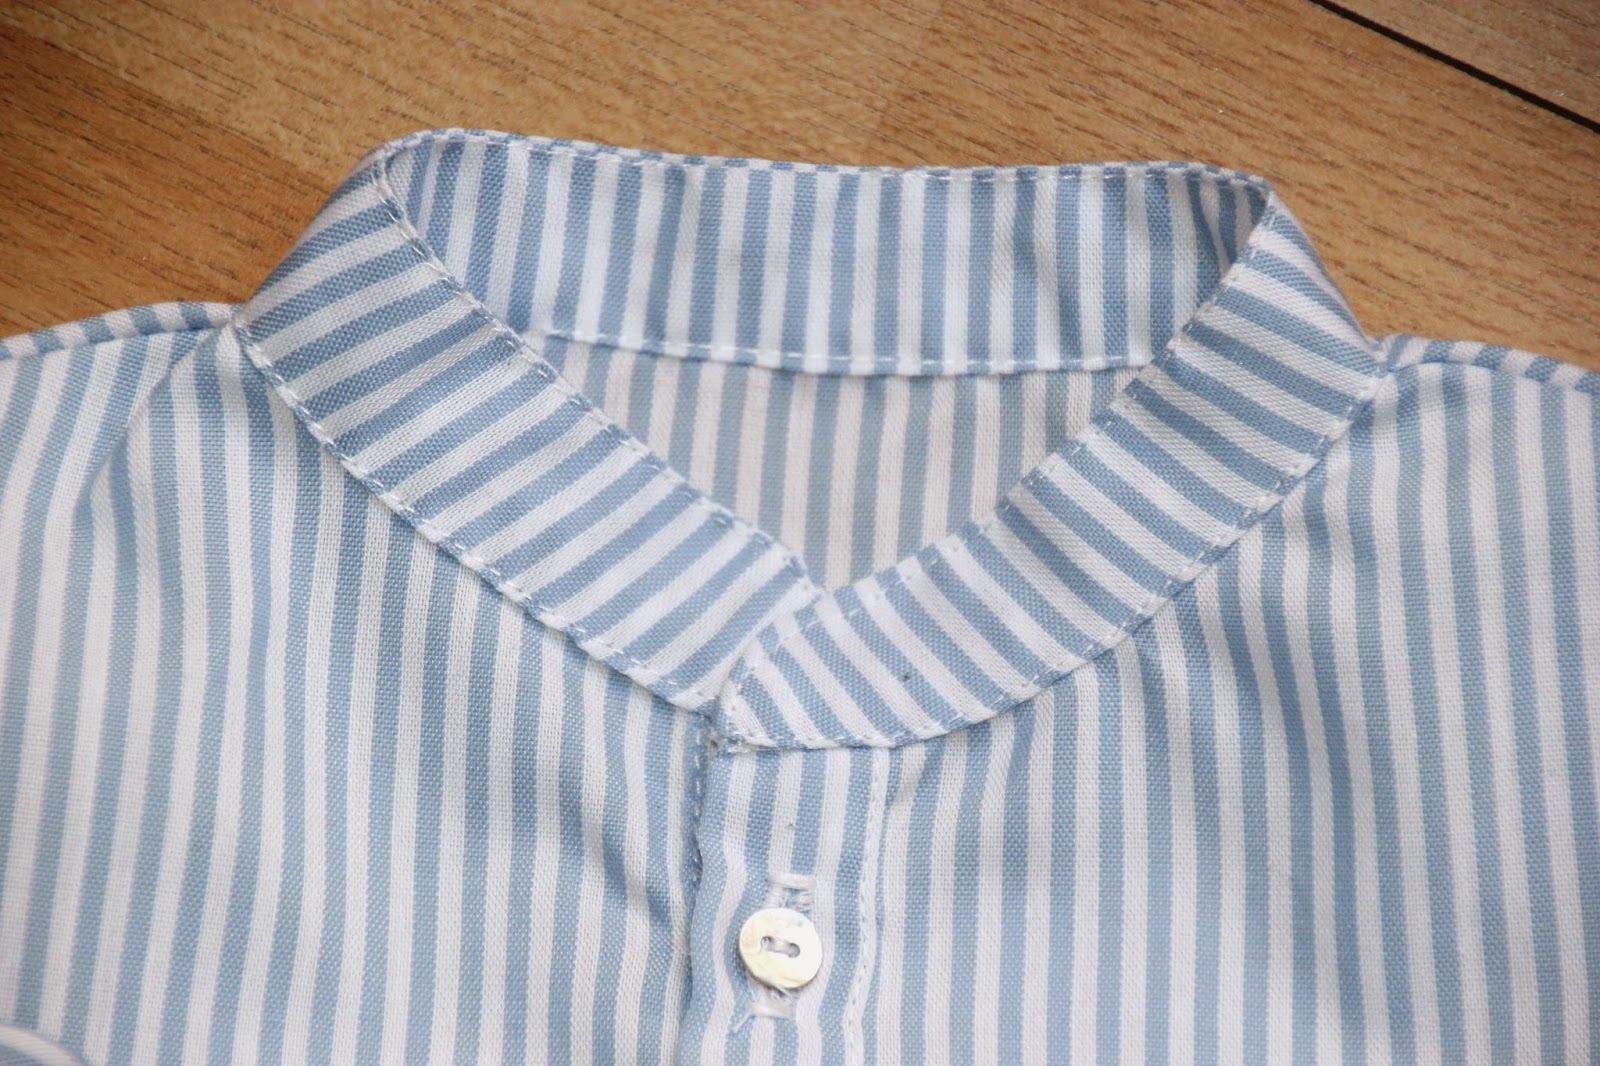 aa5eb51ce Diy Body Bebé patrones Camisa Gratis Para Oh Cómo Hacer 7qwBrPU7